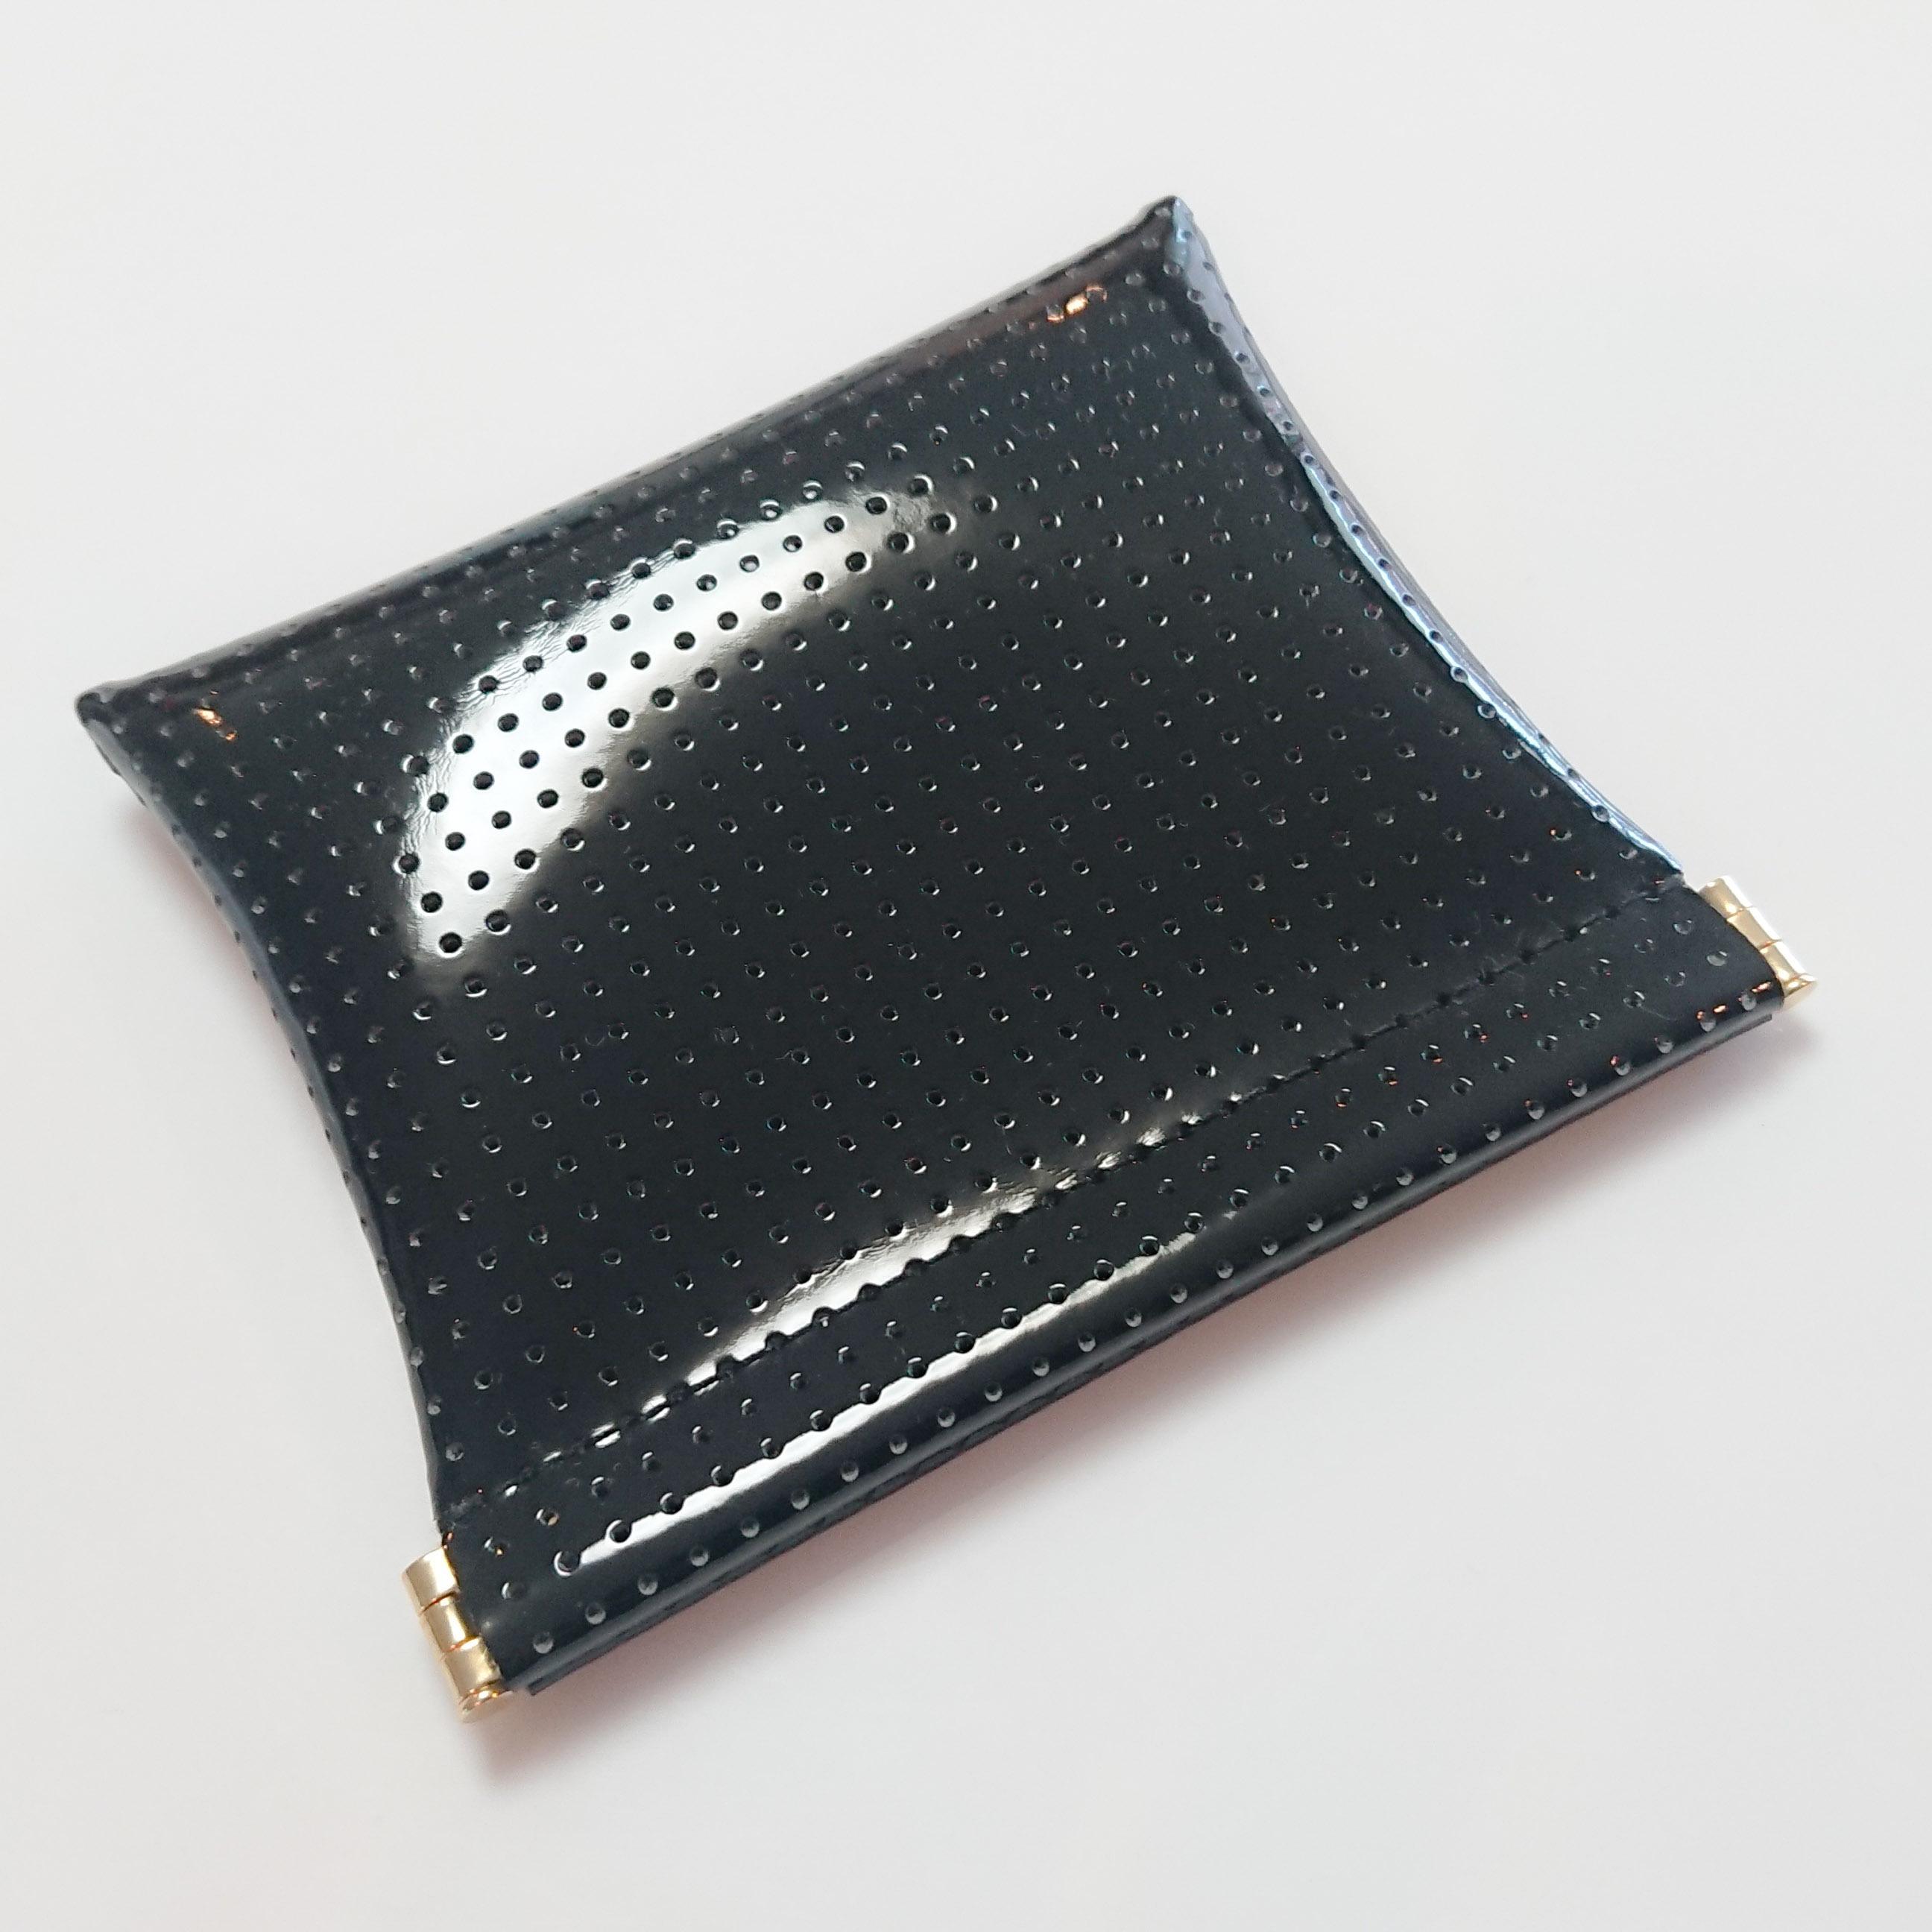 OSORO ポーチ ☆ 黒ごま 薄い財布 ティーケース